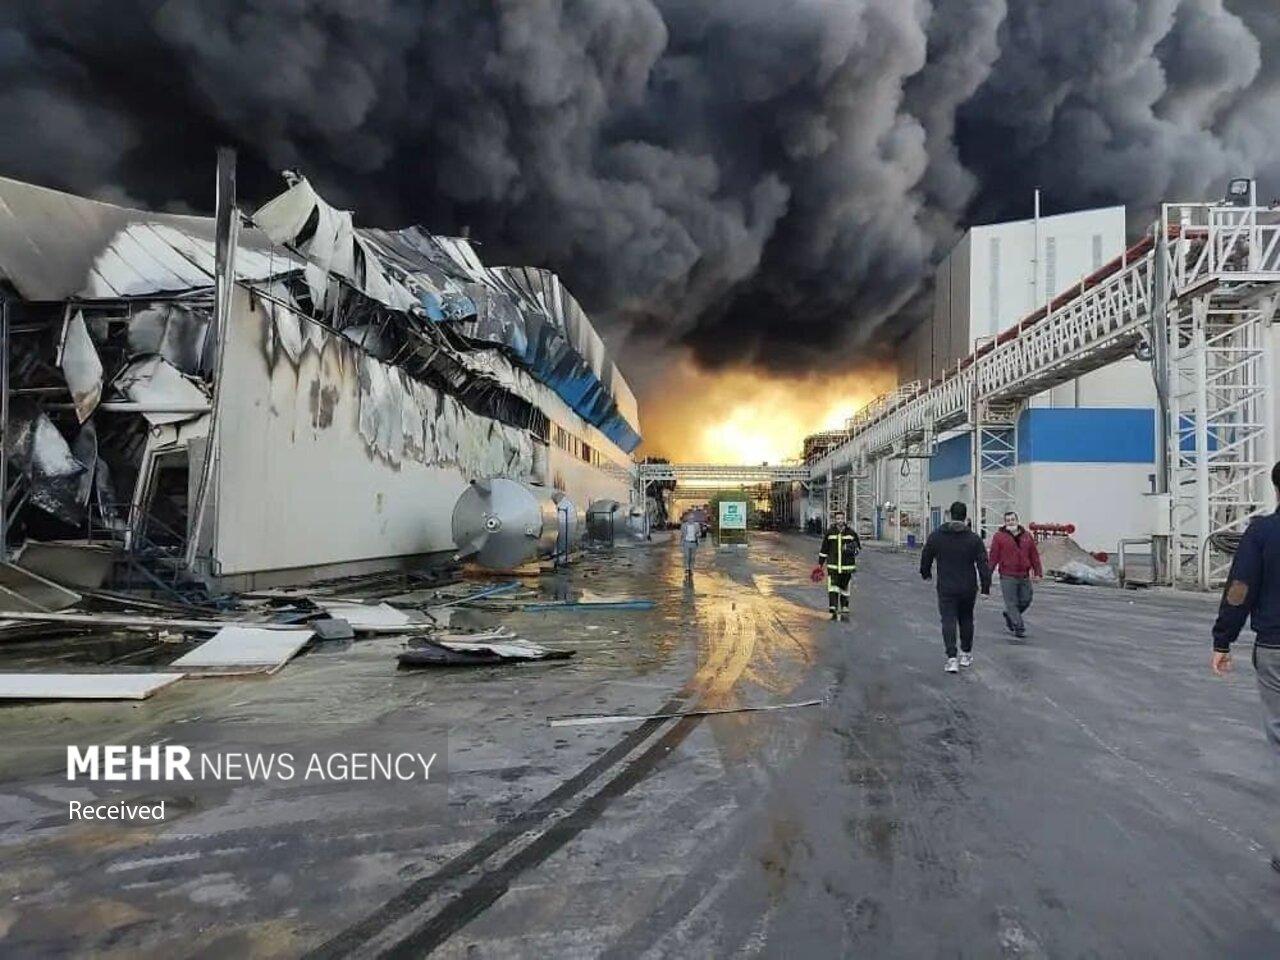 عکس/ آتش سوزی در شهرک صنعتی «مامونیه»